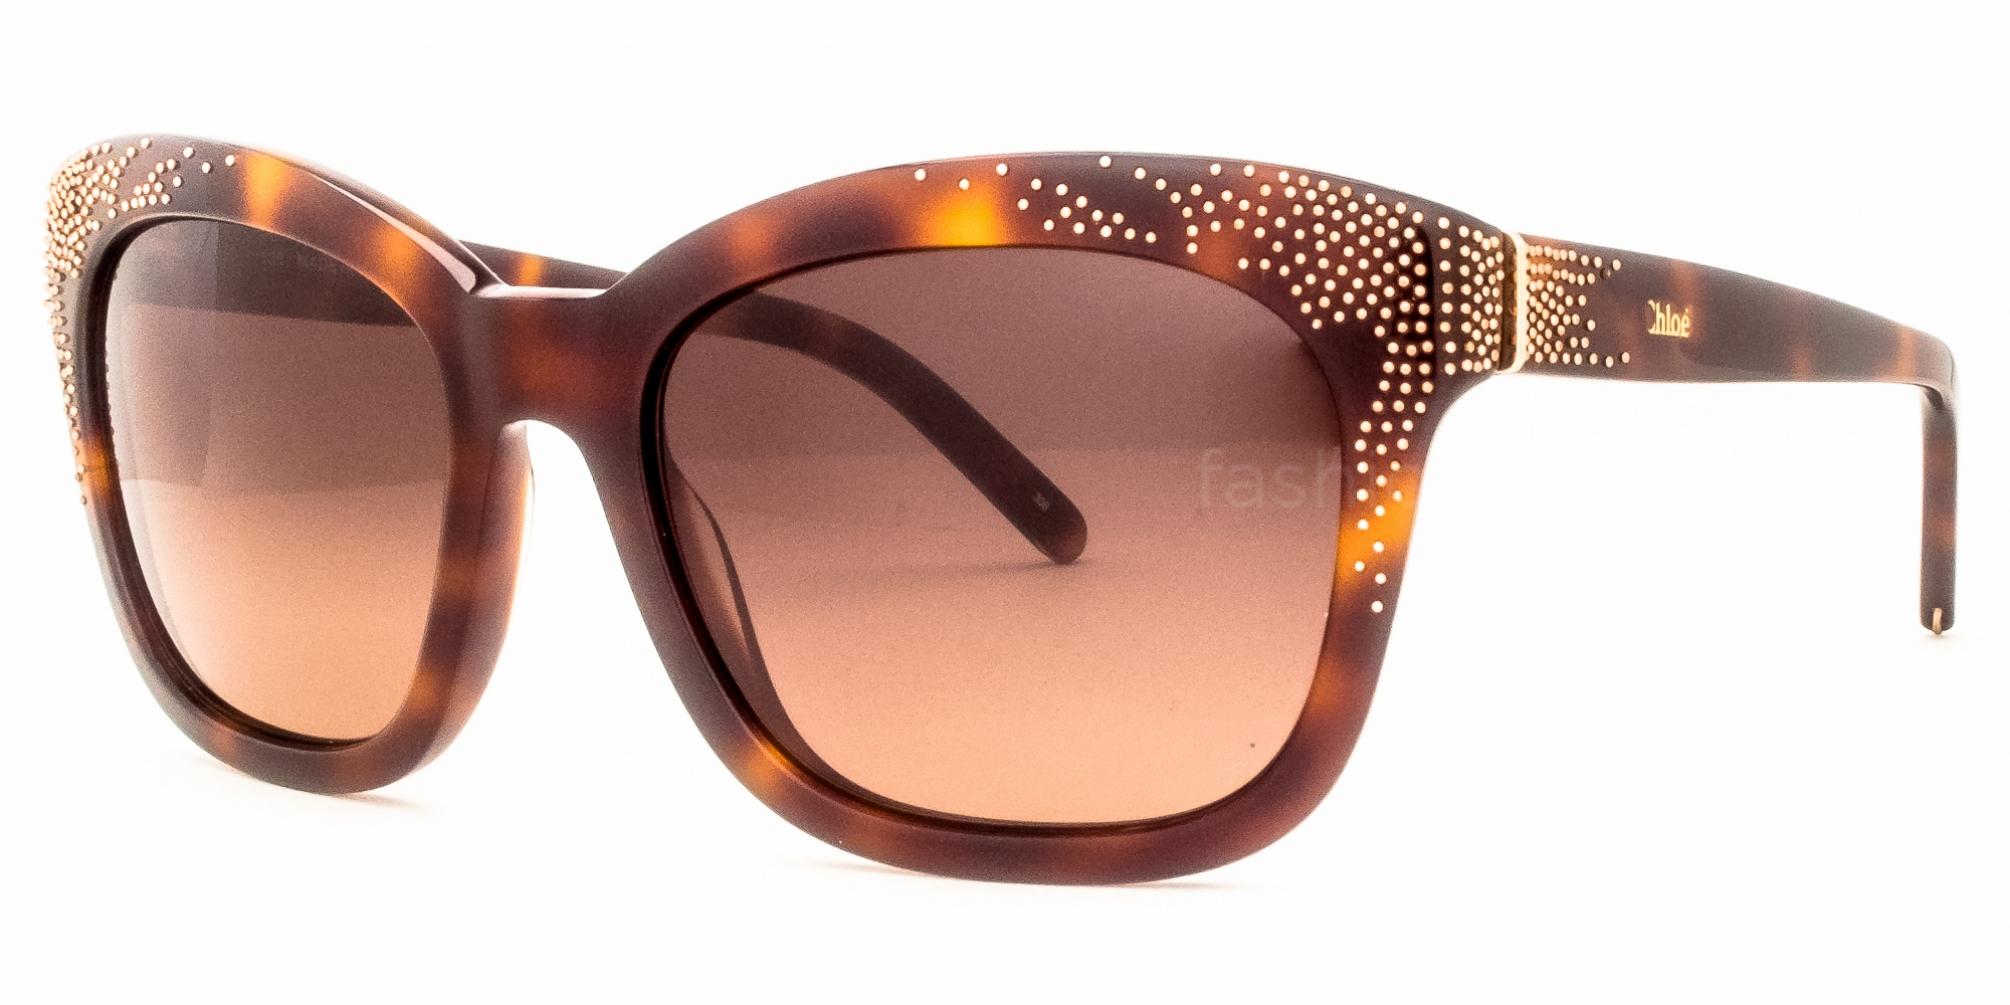 eba17ad9256a Buy Chloe Sunglasses